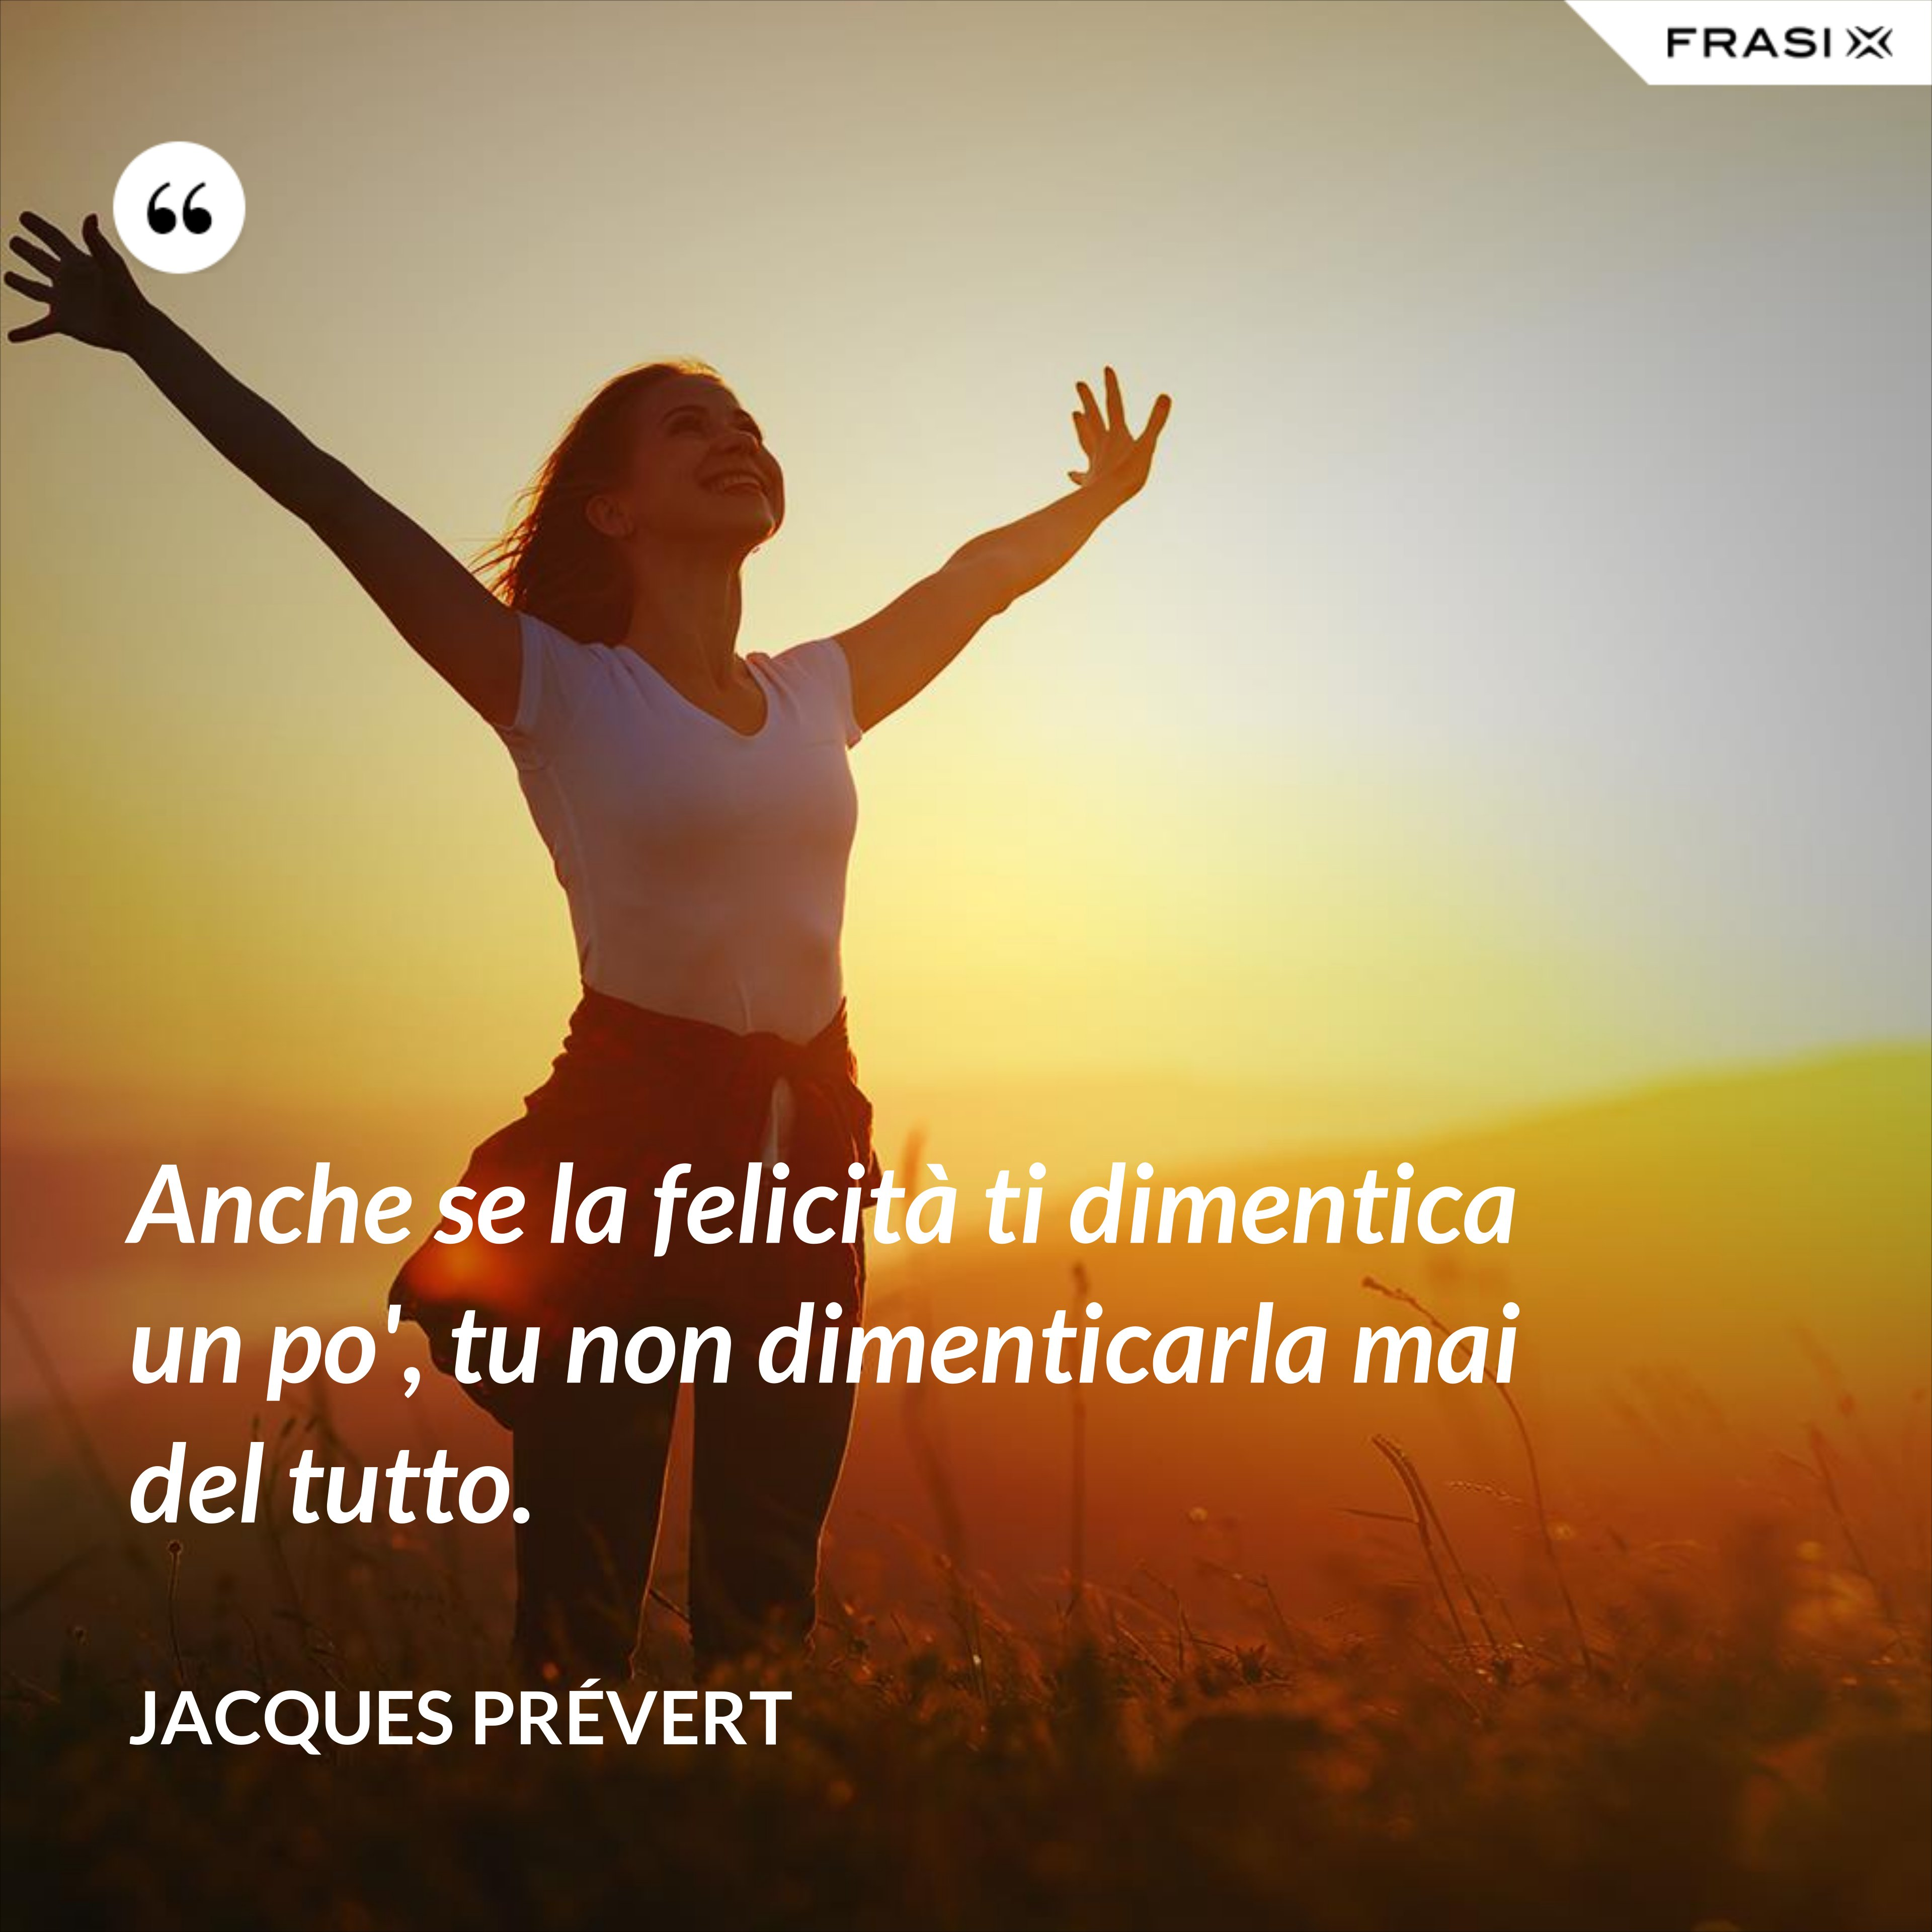 Anche se la felicità ti dimentica un po', tu non dimenticarla mai del tutto. - Jacques Prévert